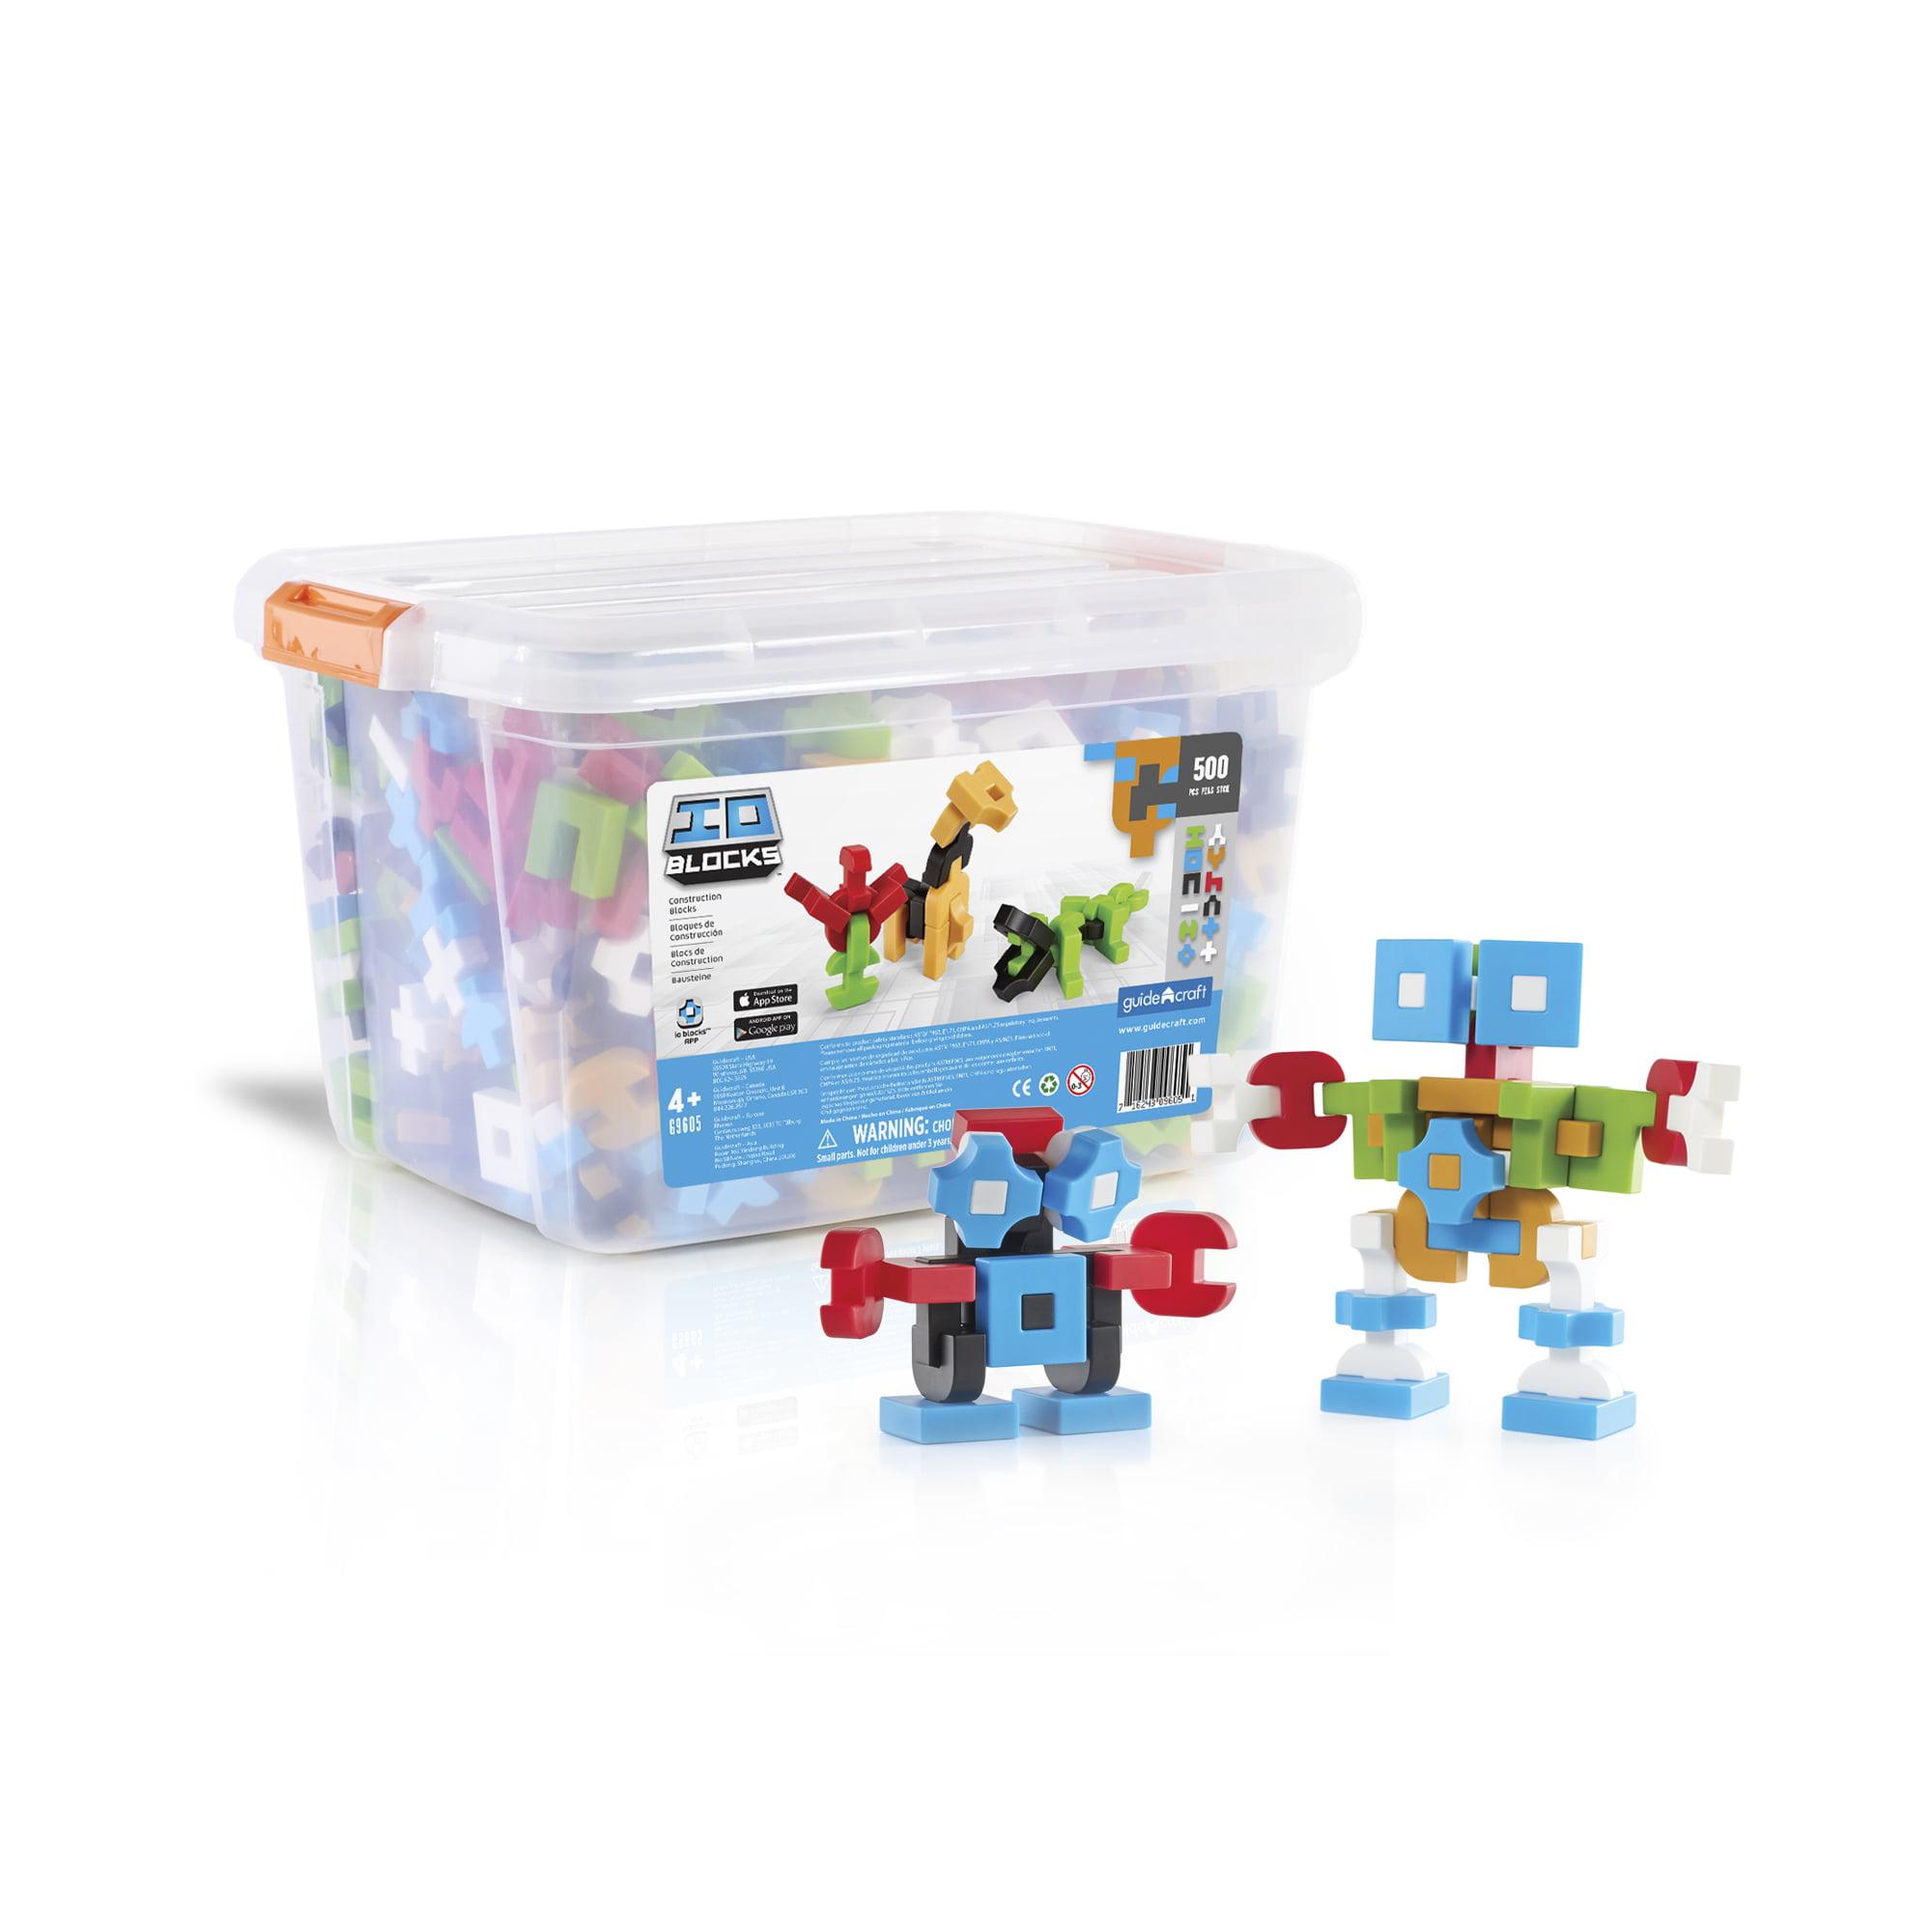 IO Blocks® - 500 pc. set